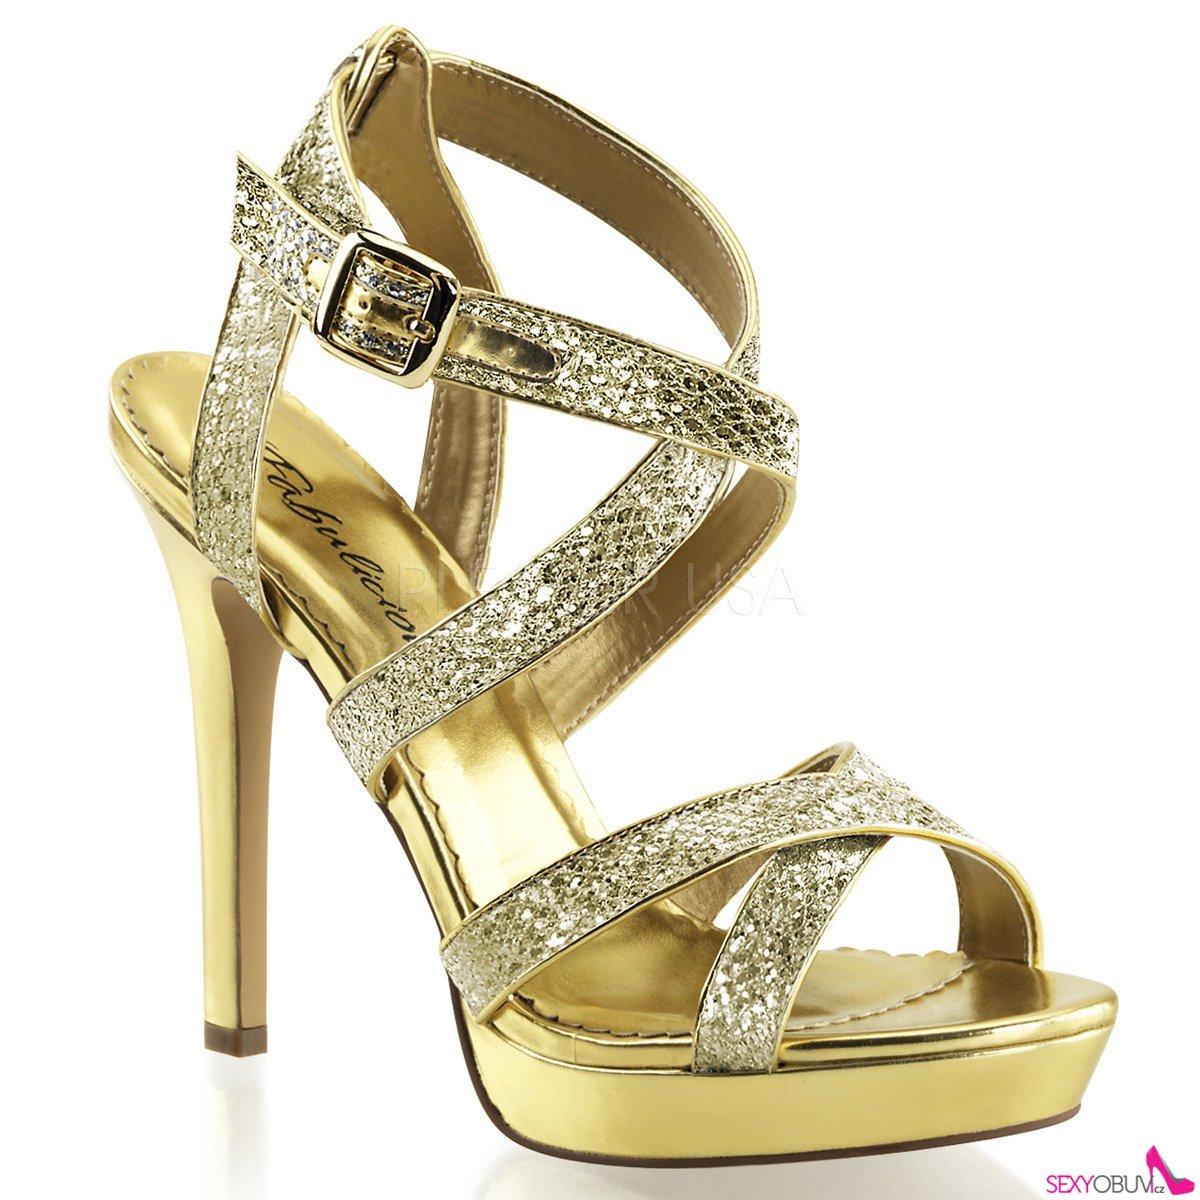 e1e1de6ccad LUMINA-21 Zlaté dámské luxusní lodičky na podpatku